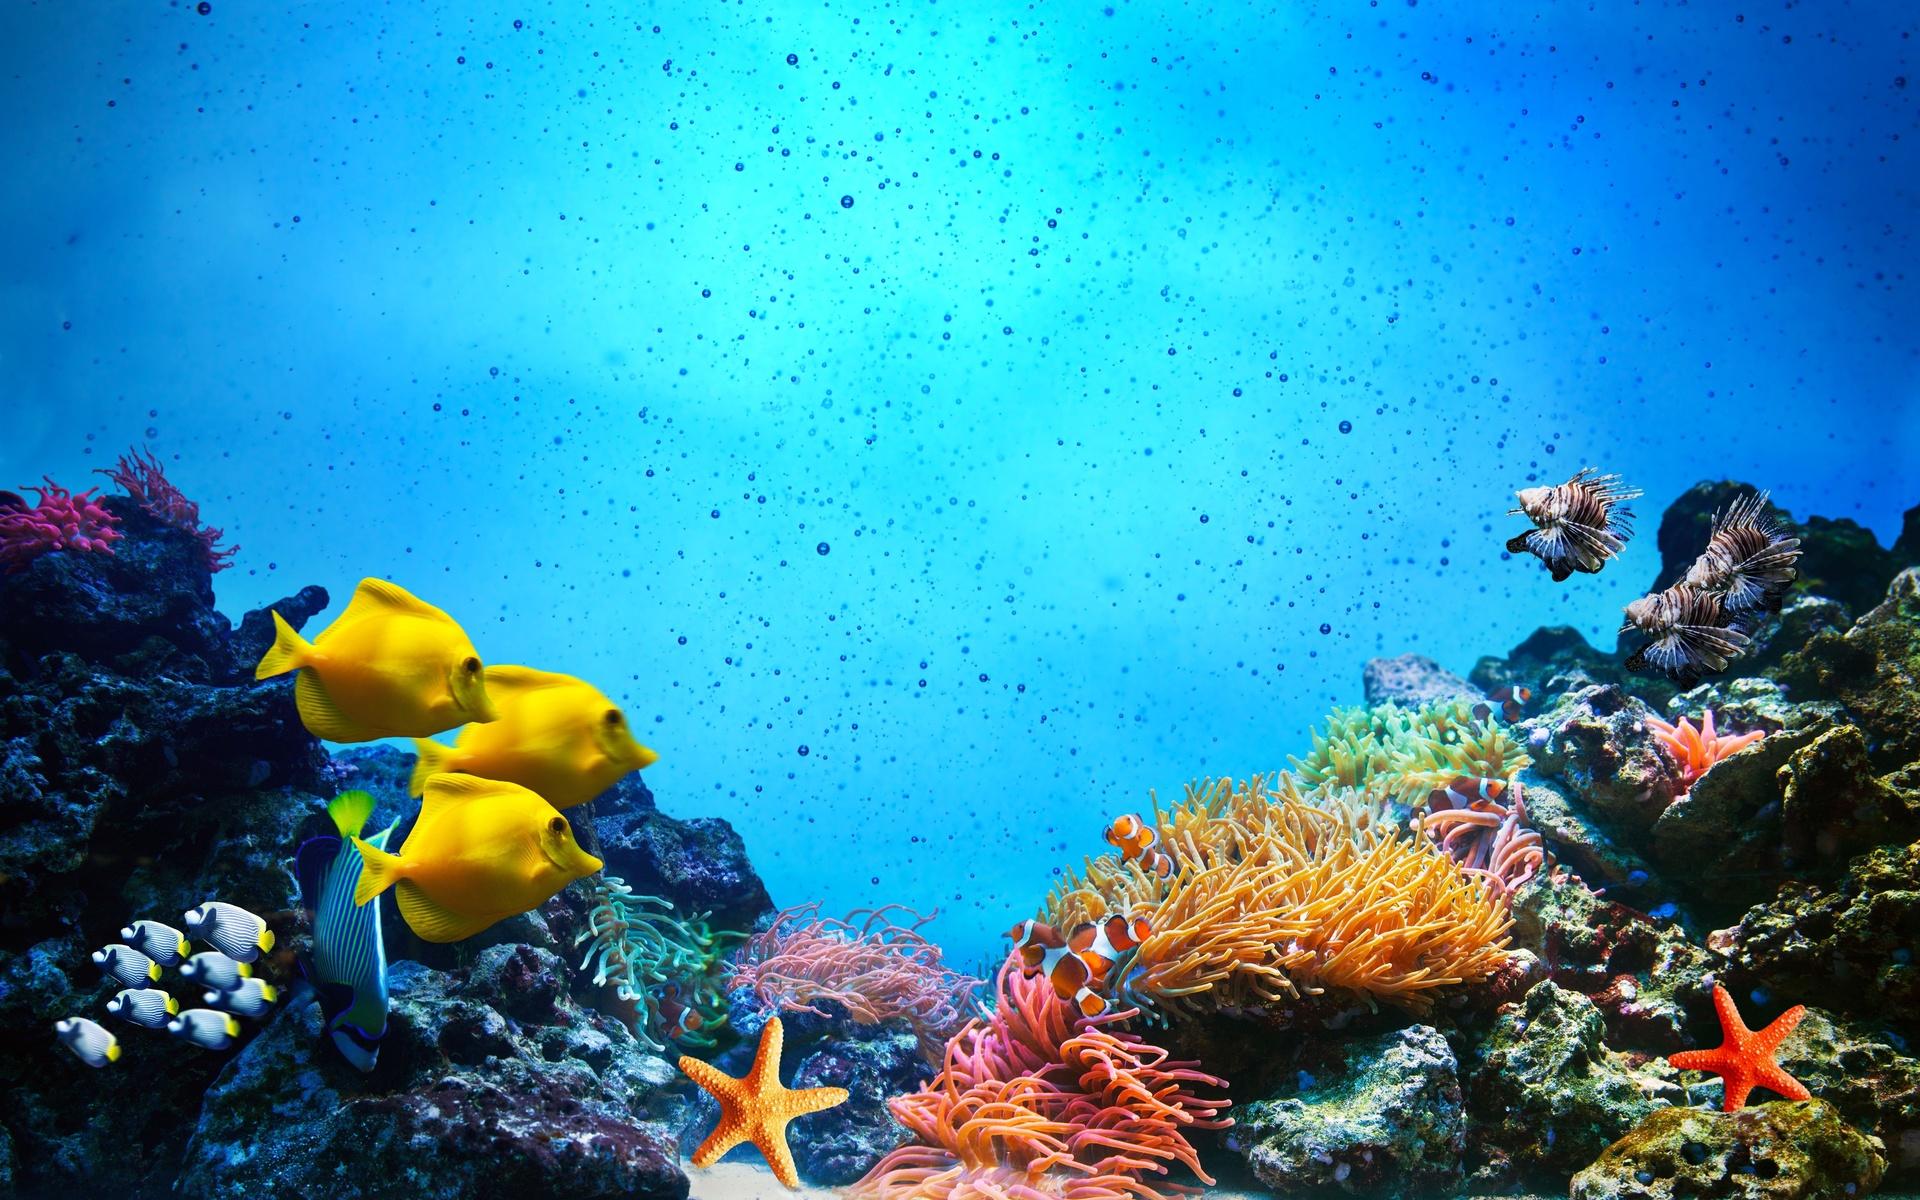 были картинки под морем фотках она всегда